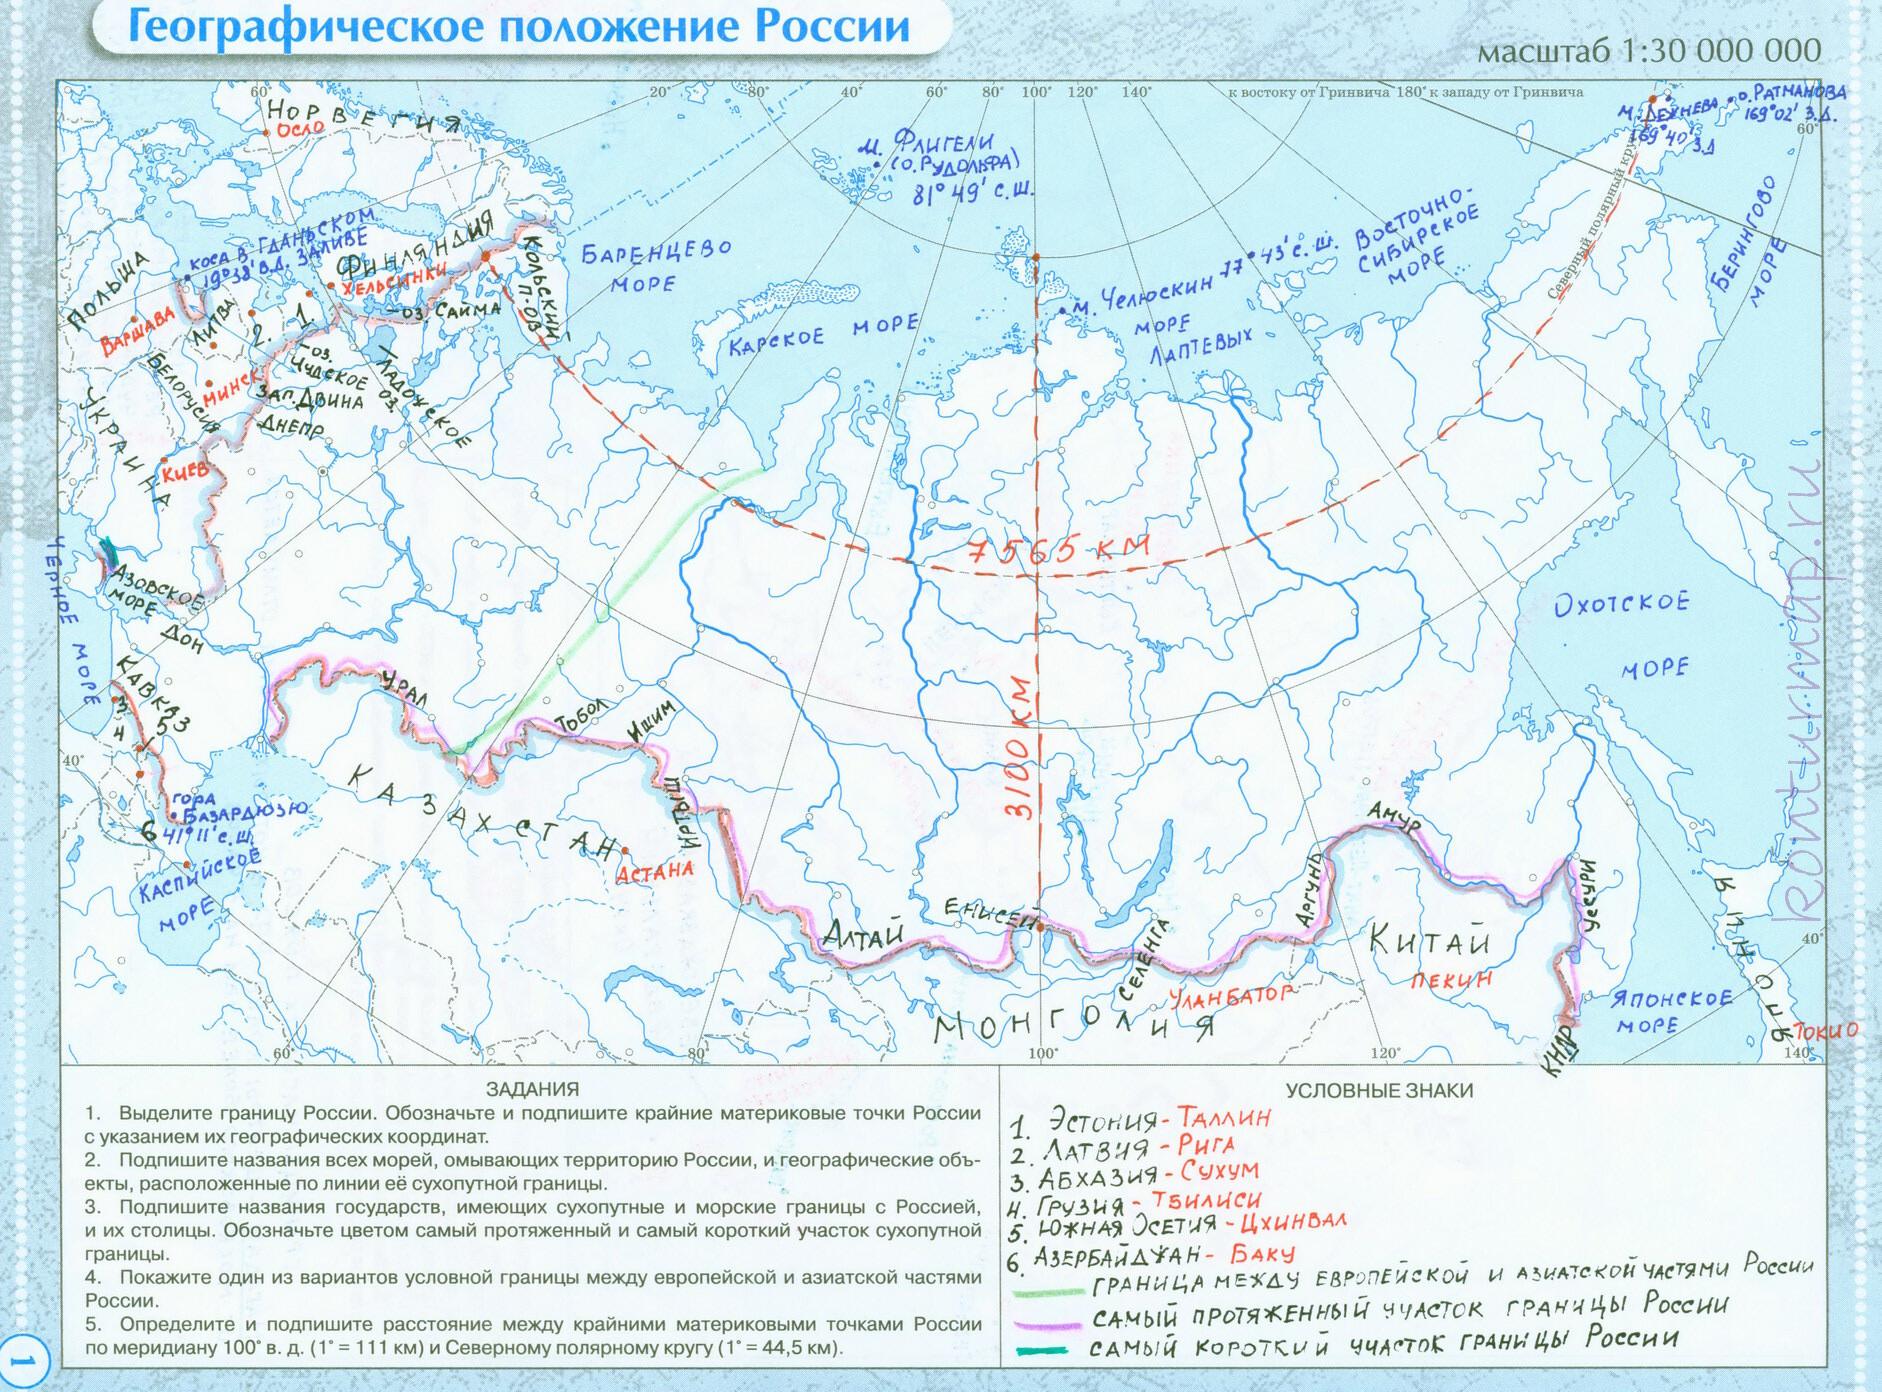 Решеба.ру по географии контурная карта материков и стран 8 класса